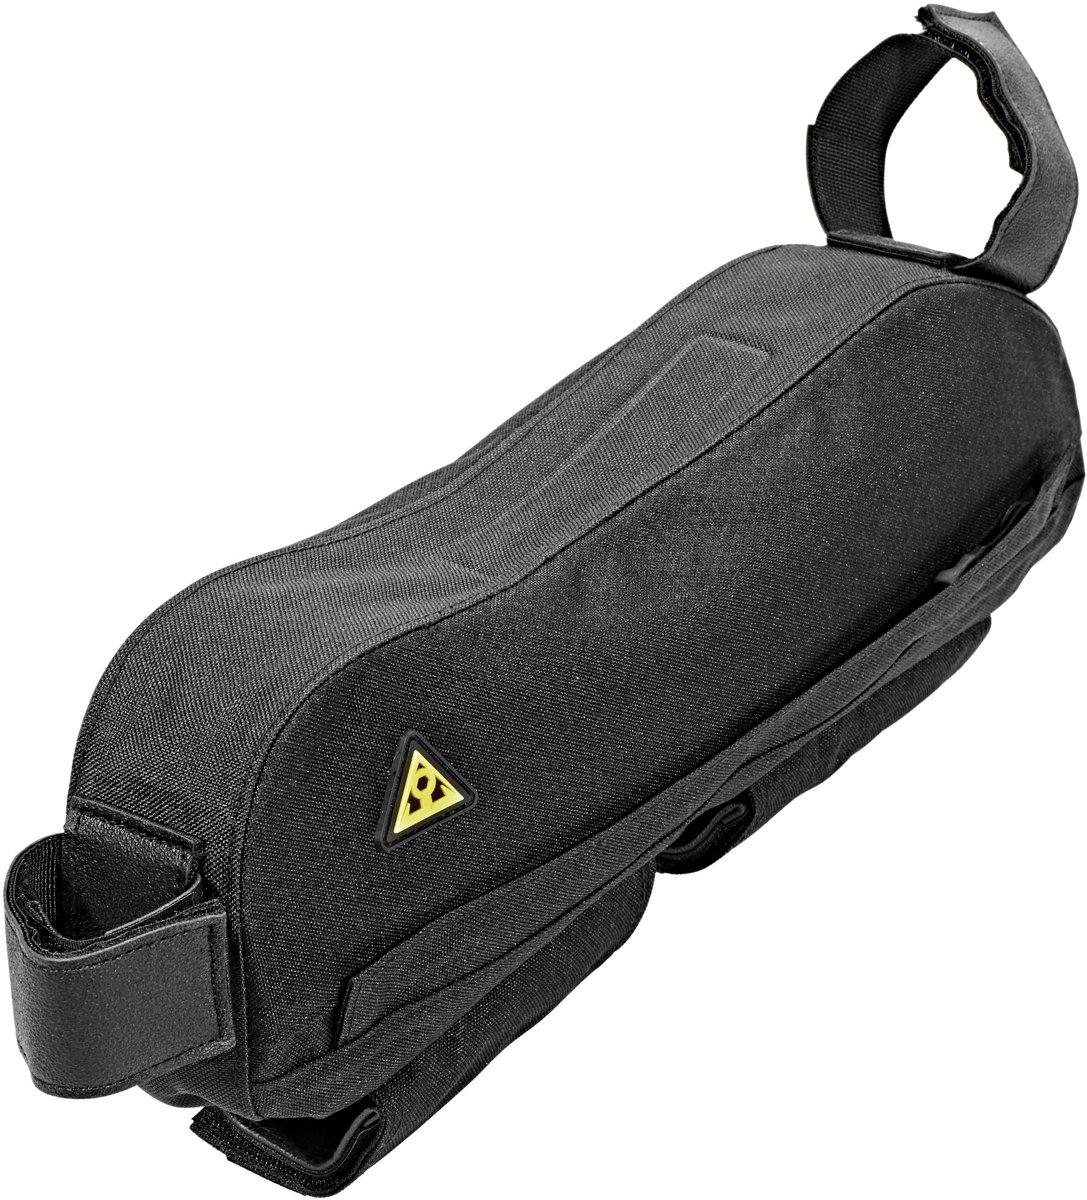 Tas Topeak Midloader 3l Black Review Harga Terkini Dan Terlengkap Touring Anti Air Restrap Saddle Bag Dry Made In Uk L Bolcom